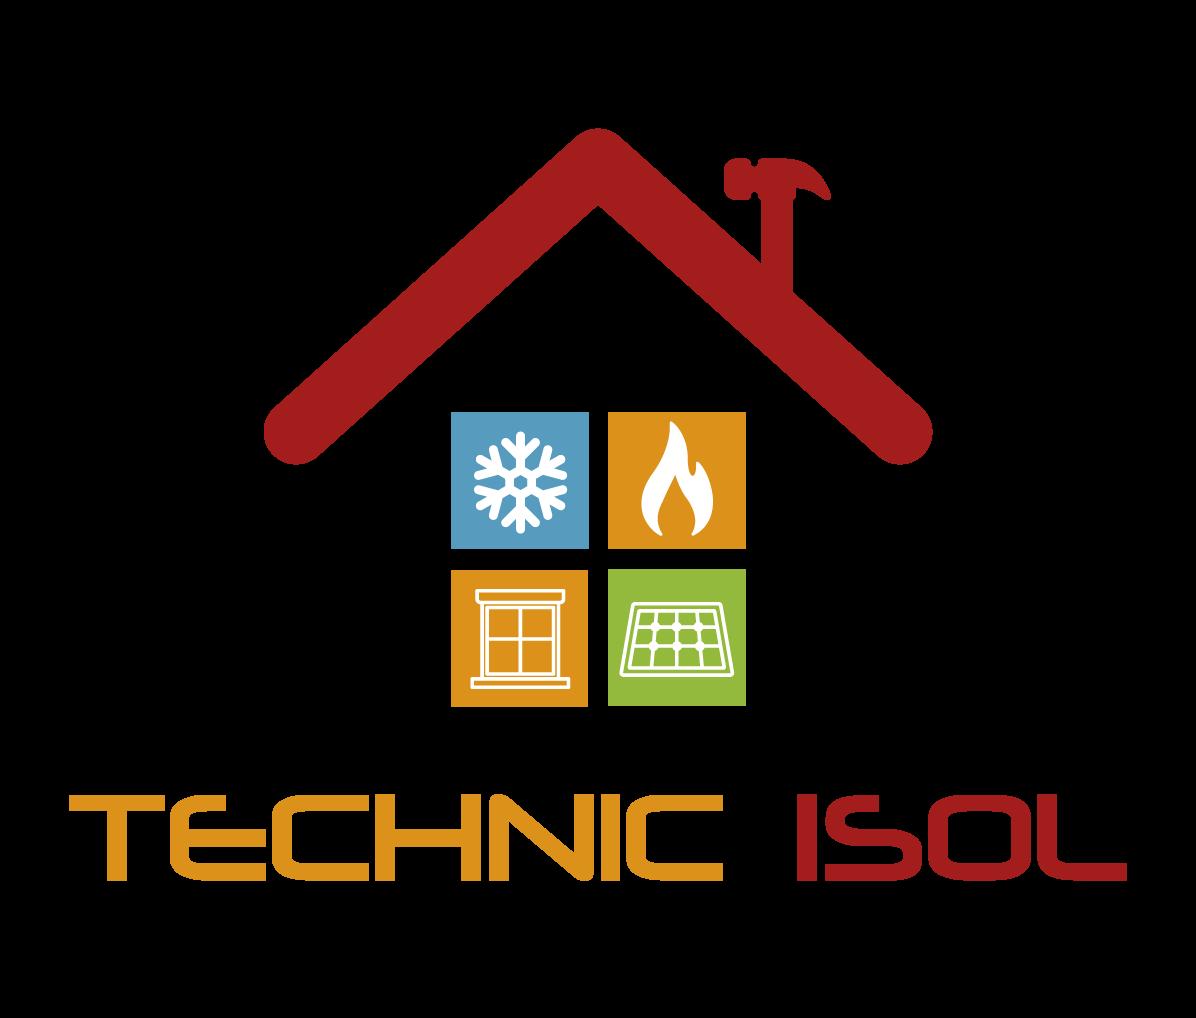 Technic Isol Aix en Provence